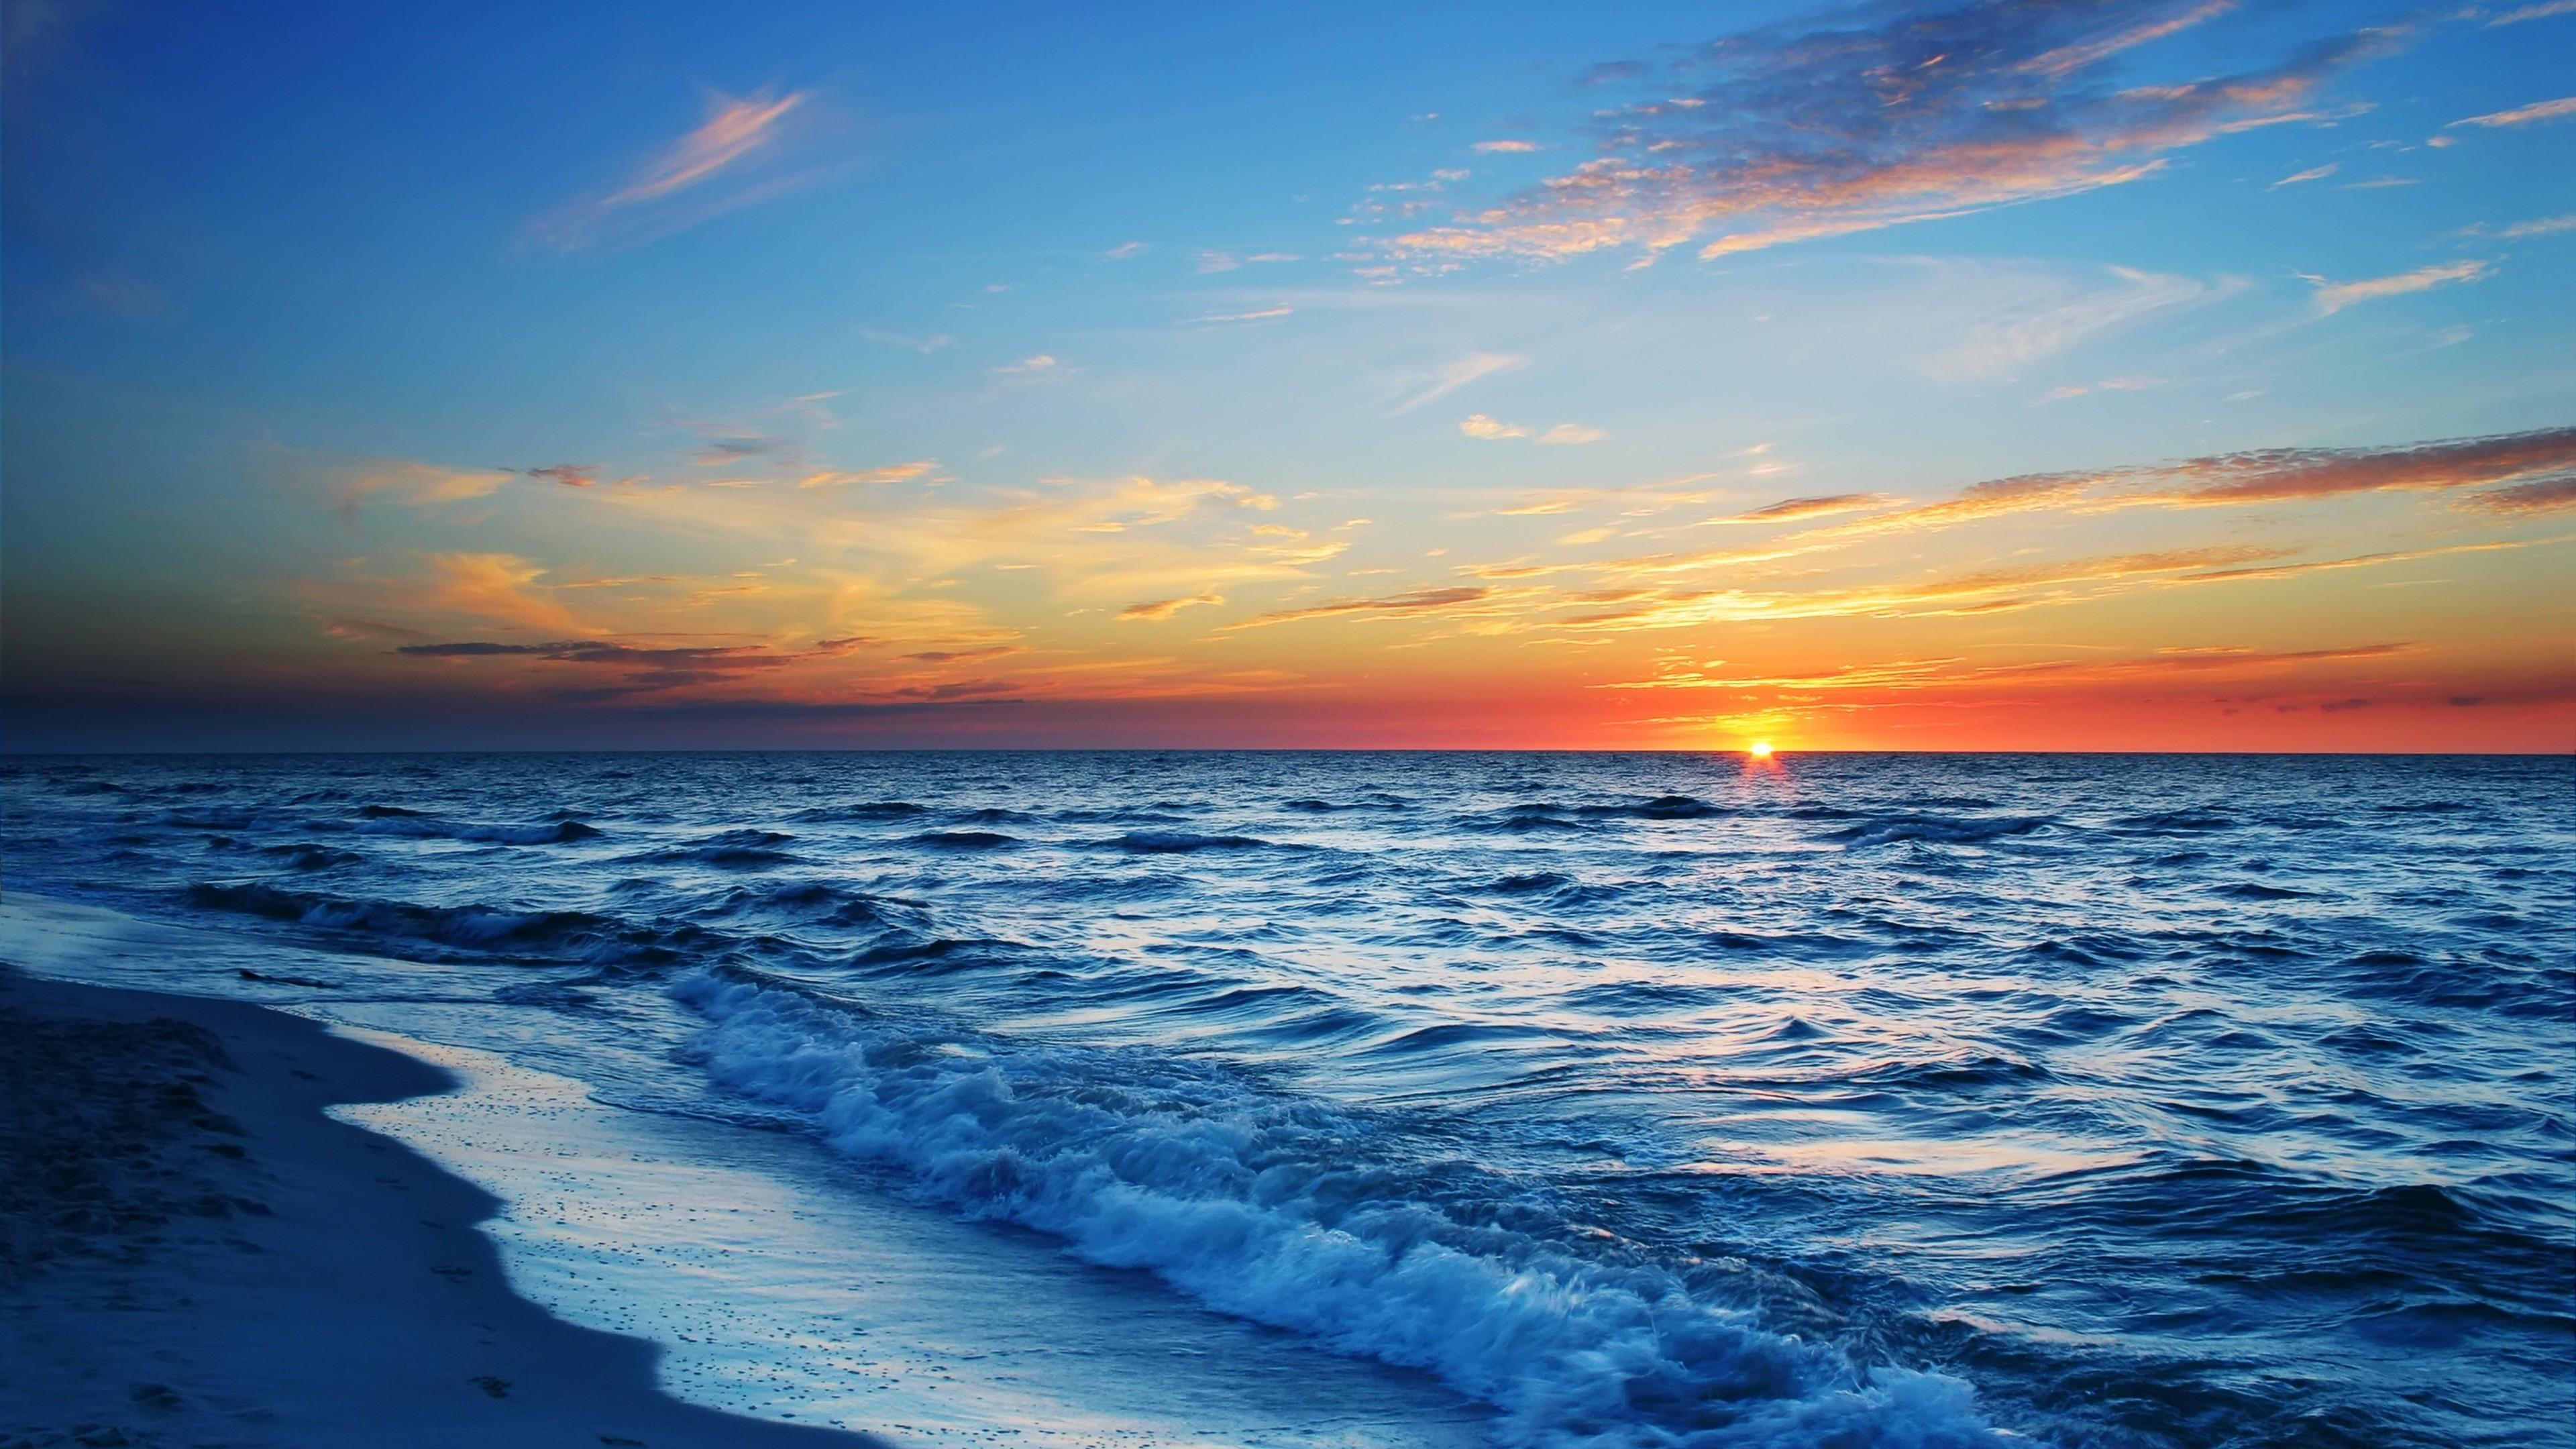 … Background 4K Ultra HD. Wallpaper sea, beach, evening, sun,  sunset